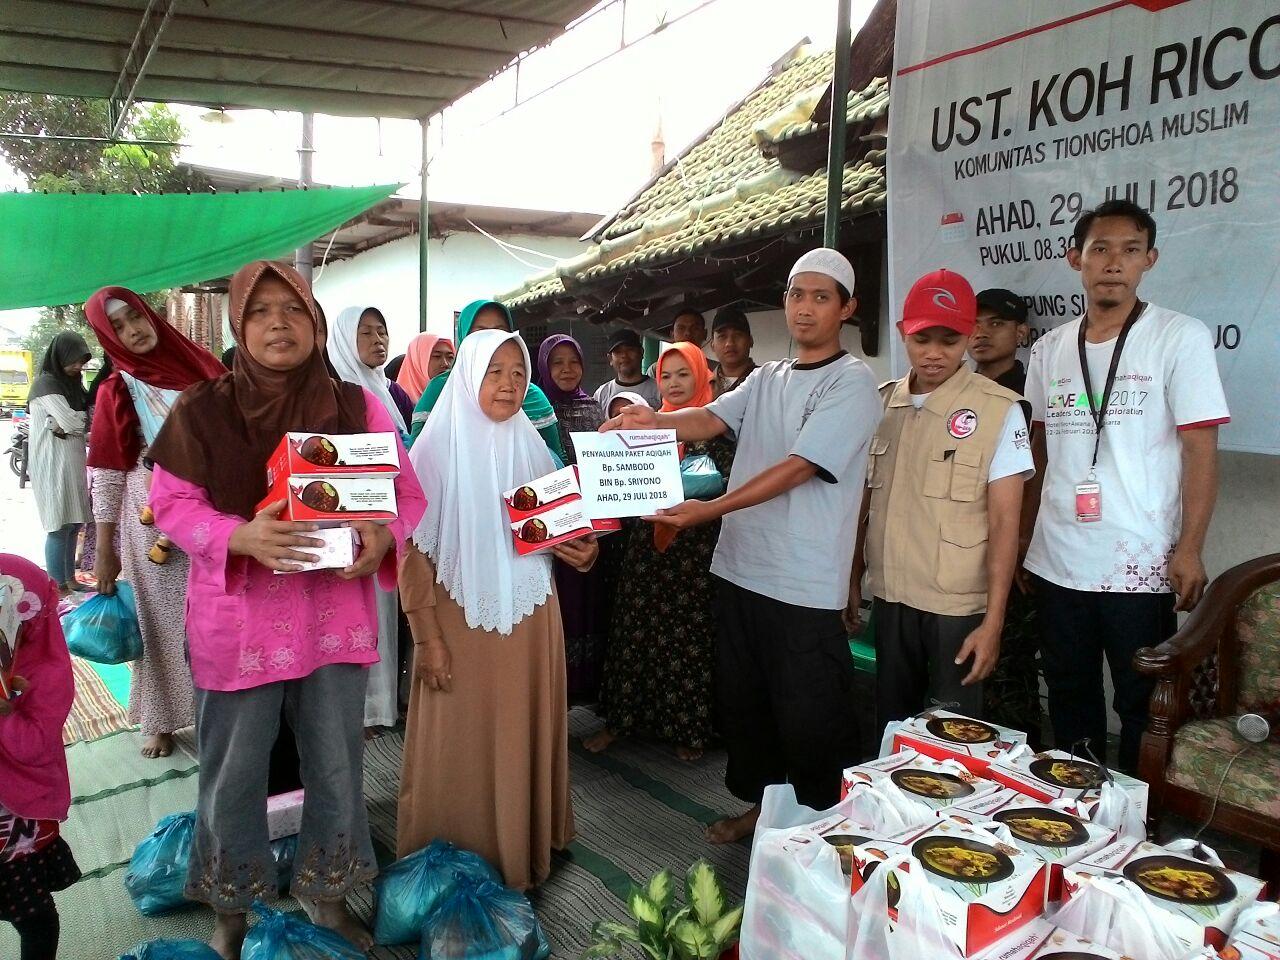 Komunitas Tionghoa dan Mualaf Center Semarang Gelar Baksos dan Tabligh Akbar